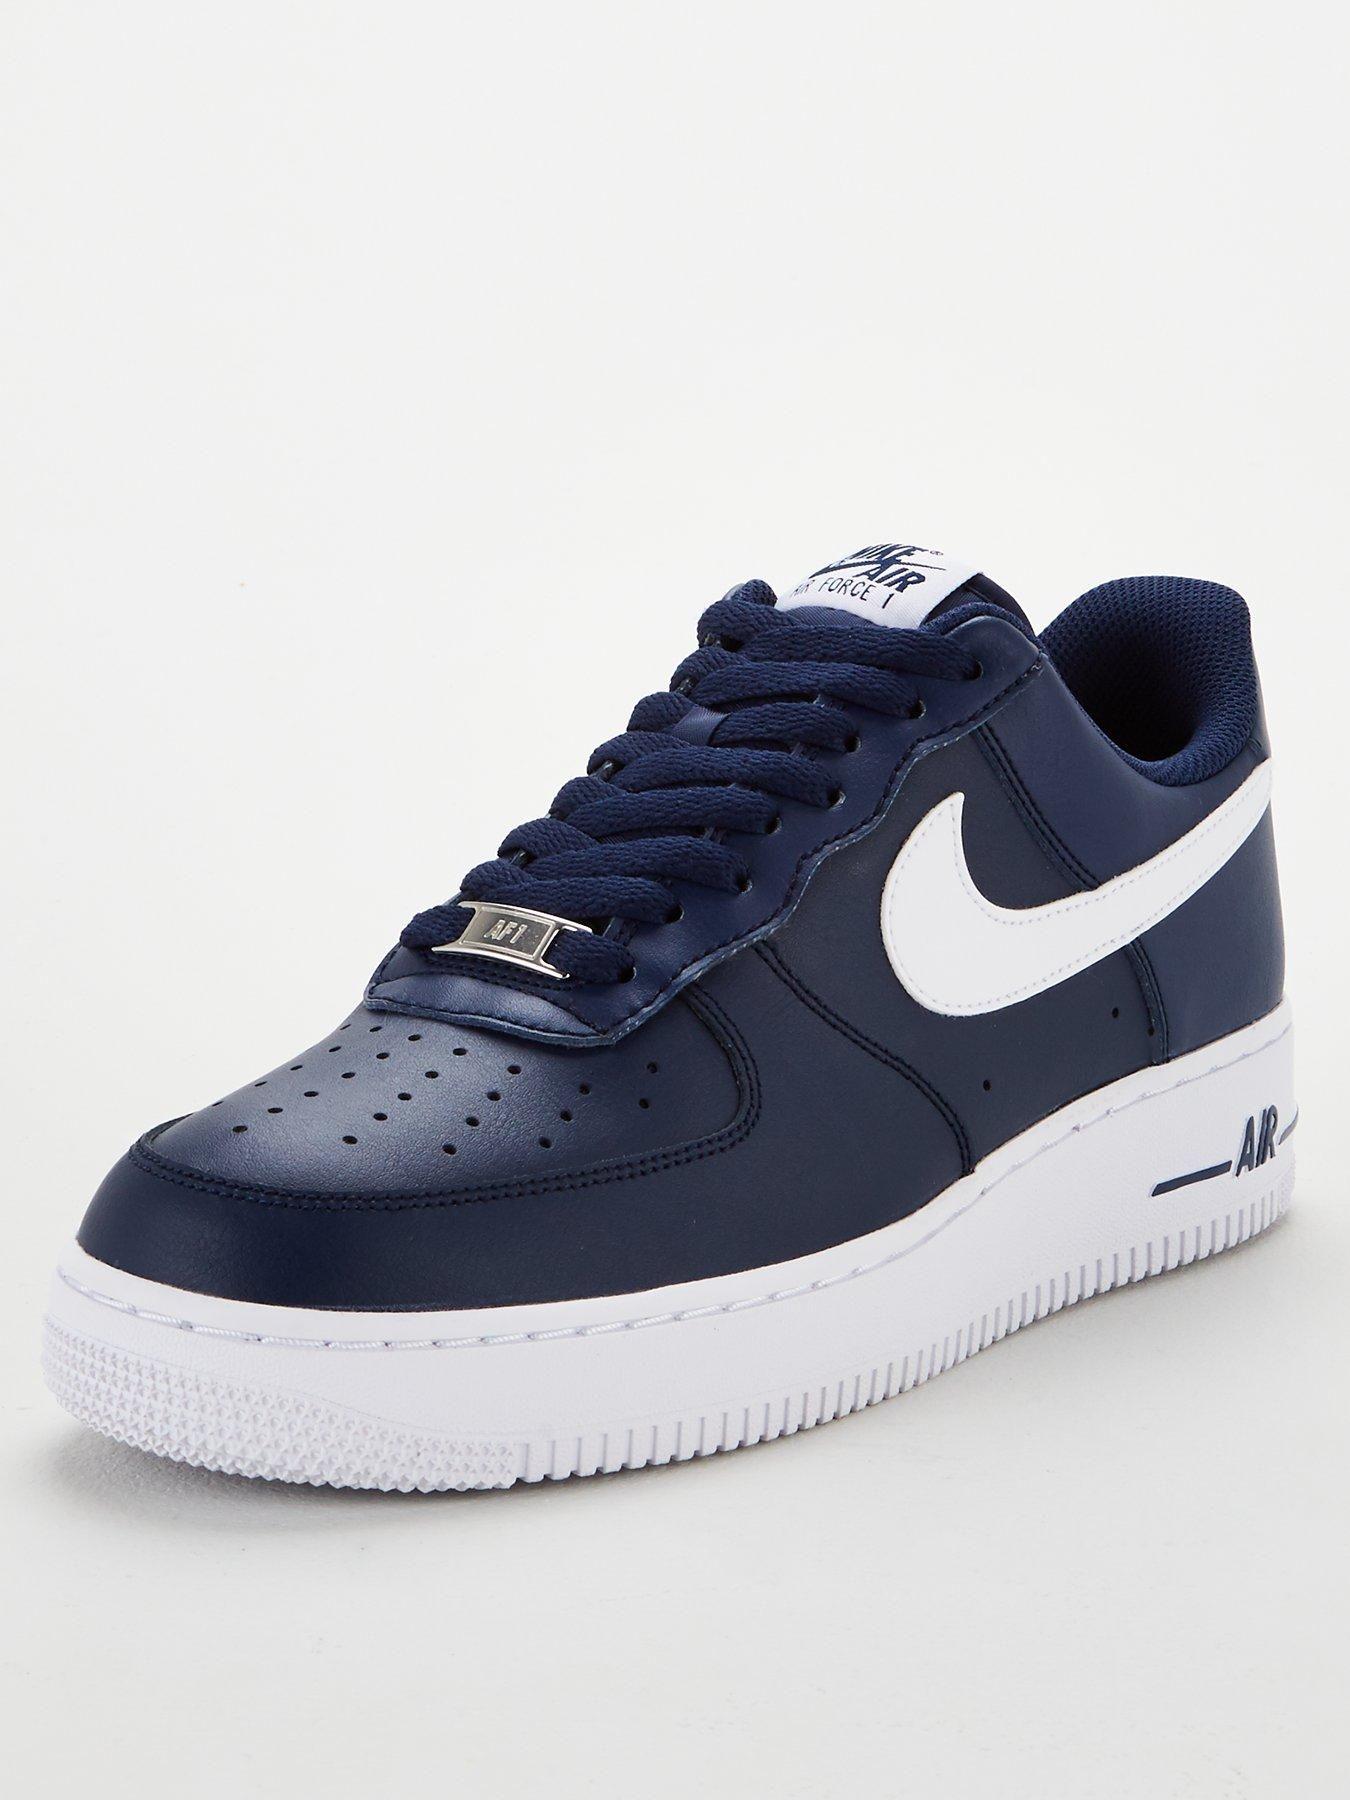 Air Force 1 '07 AN20 - Navy/White | Nike air force, Nike air ...